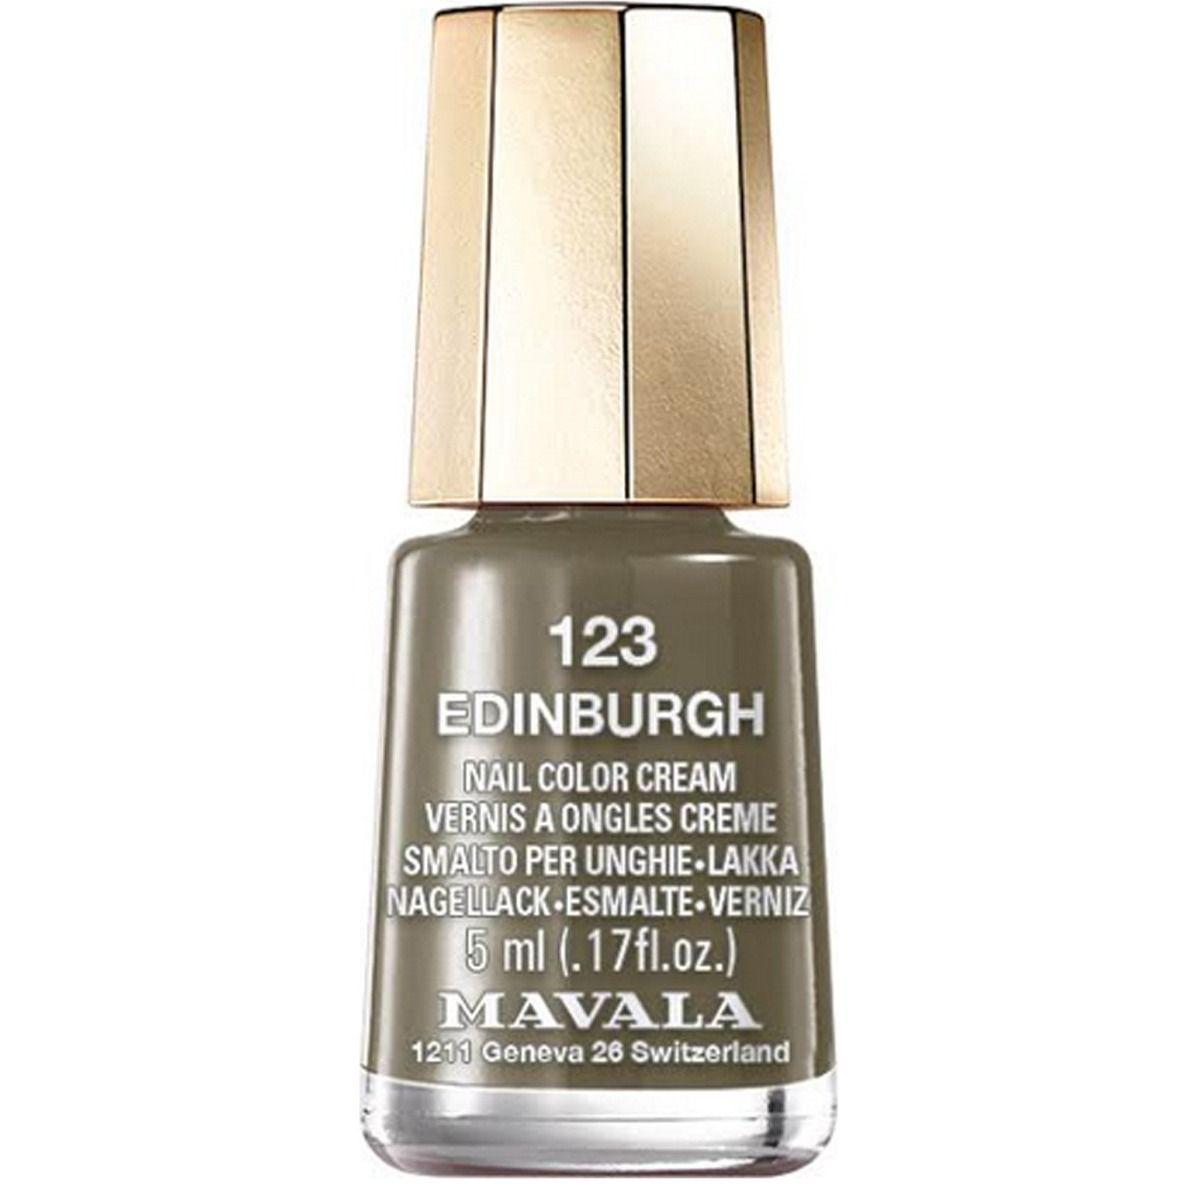 Mavala Charming Colors Minilack 123 Edinburgh 5ml